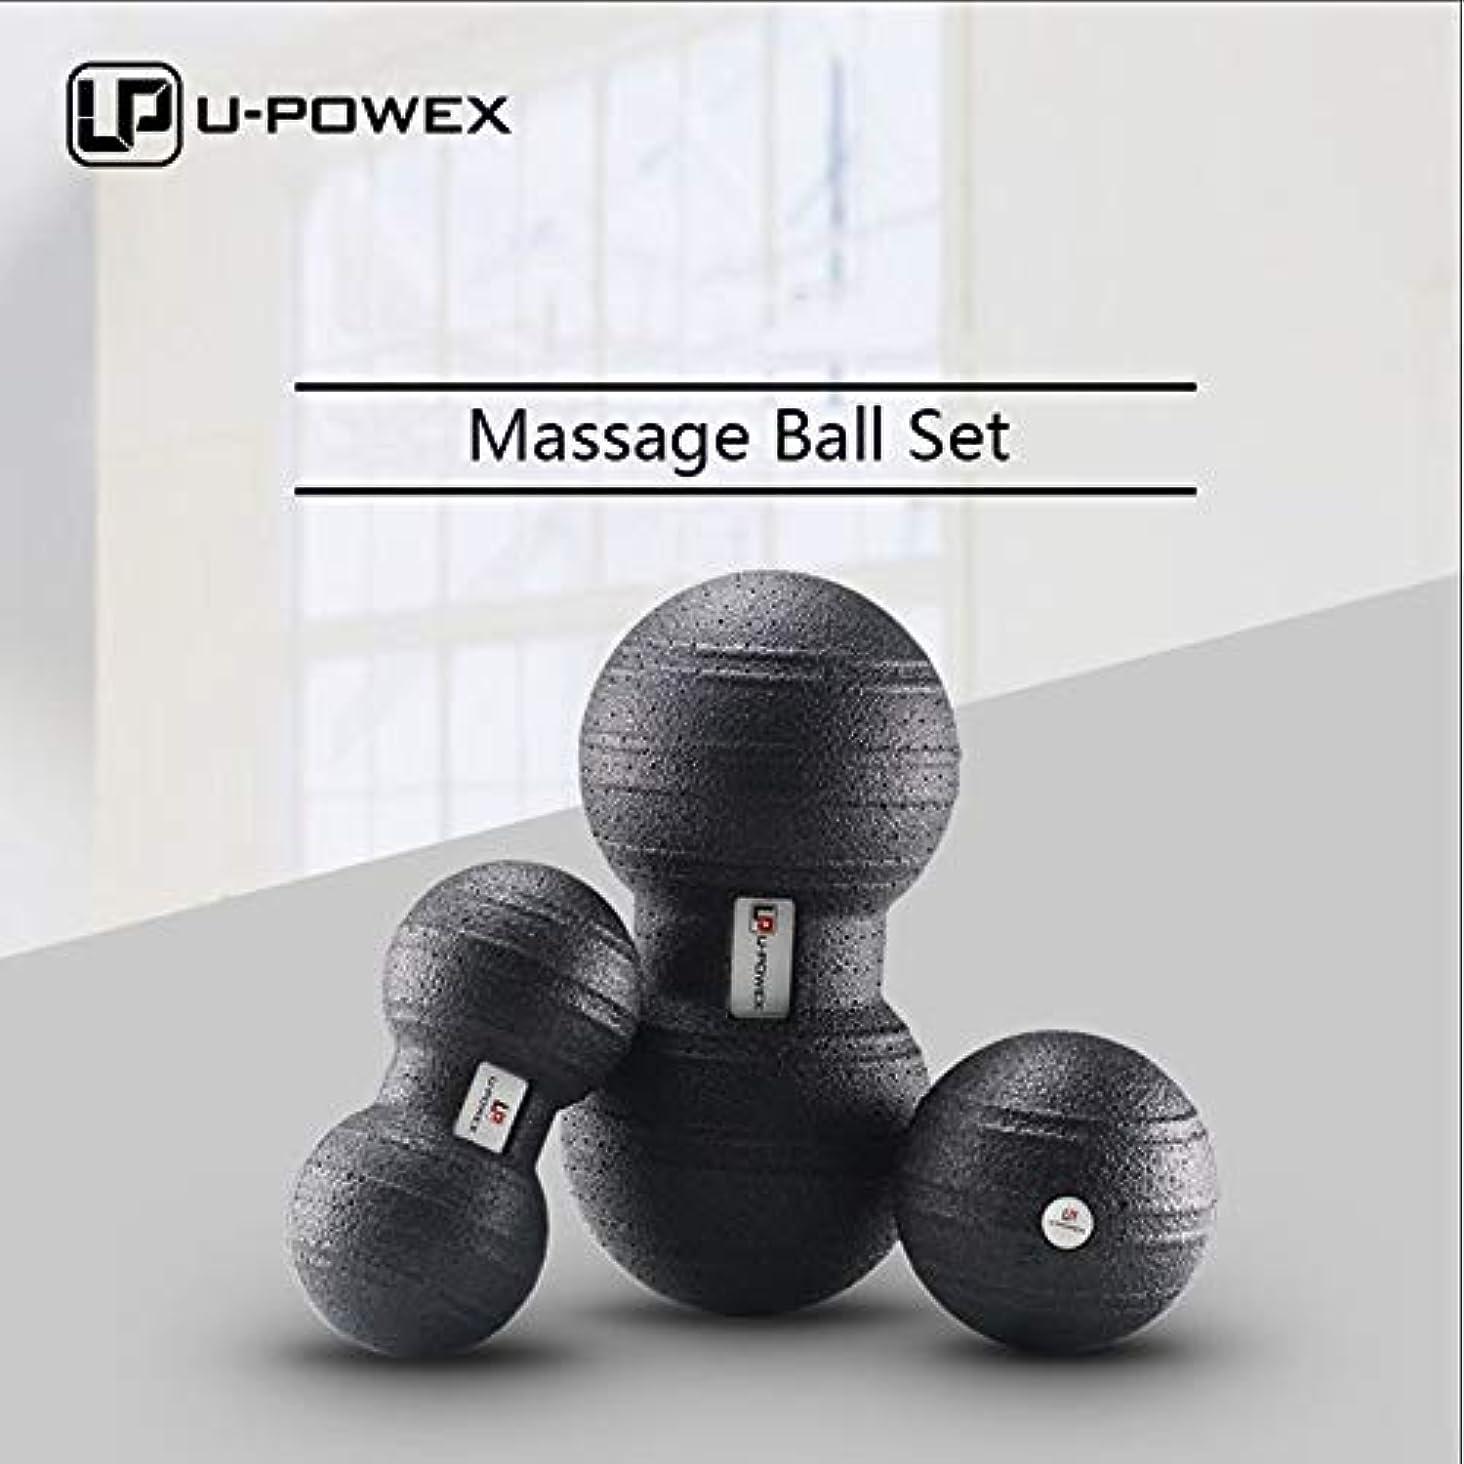 マッサージボール筋筋膜および筋肉マッサージボールセット3 in 1シングルボール8 cmまたはダブルボール12 x 24 cm - 100%非毒性のリサイクル可能な背中、肩、足